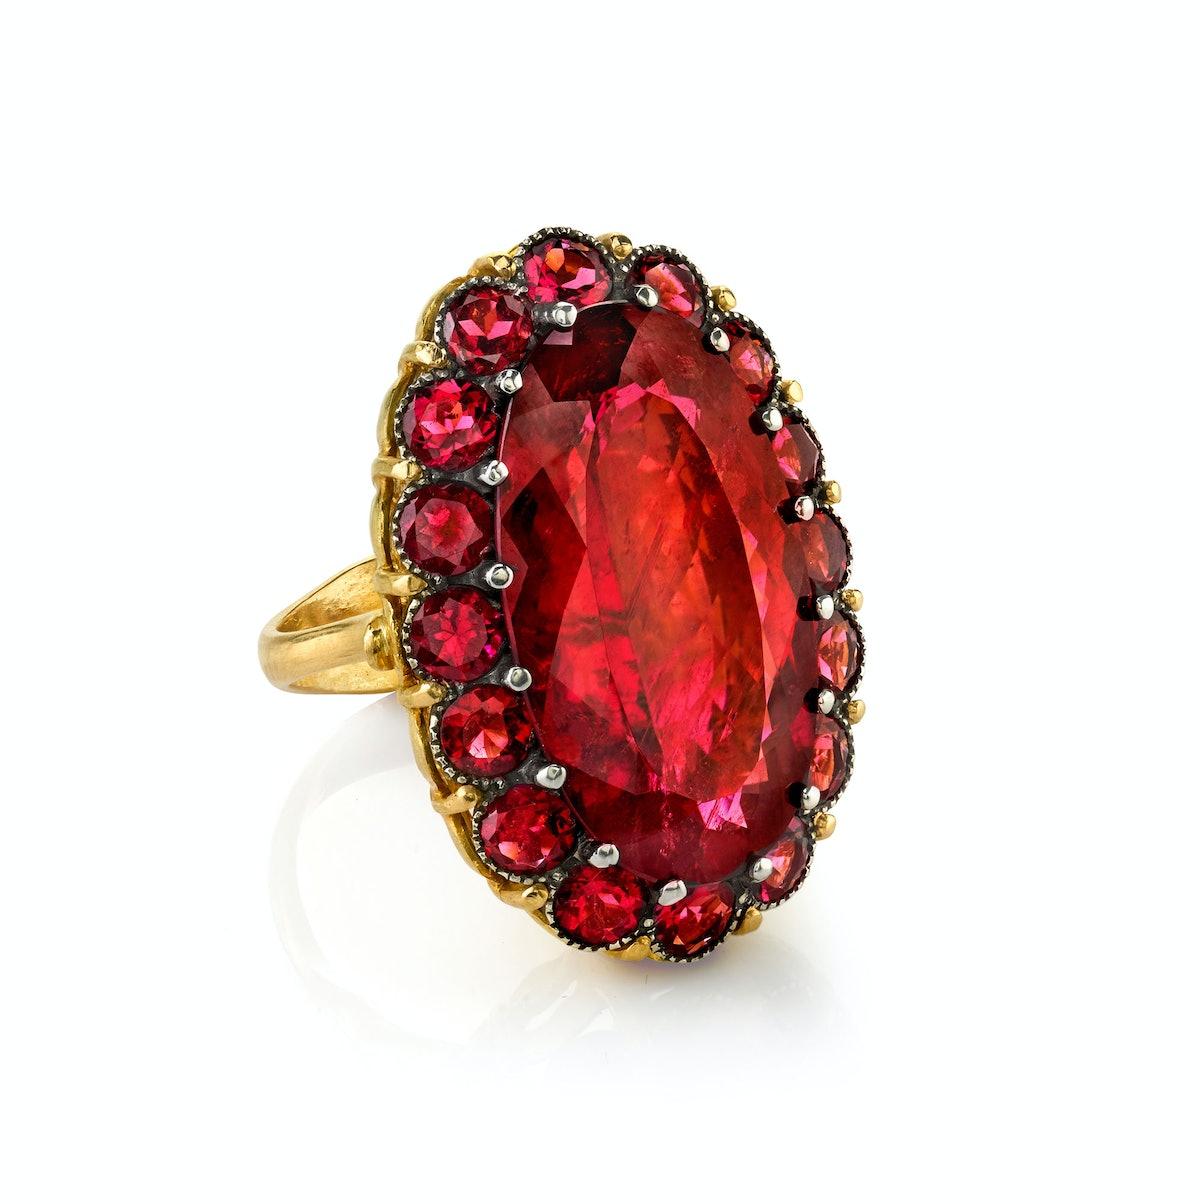 Arman-19.85-Carat-Rubellite-Ring,-$29,300,-at-Single-Stone-San-Marino,-San-Marino,-CA,-626-799-3109